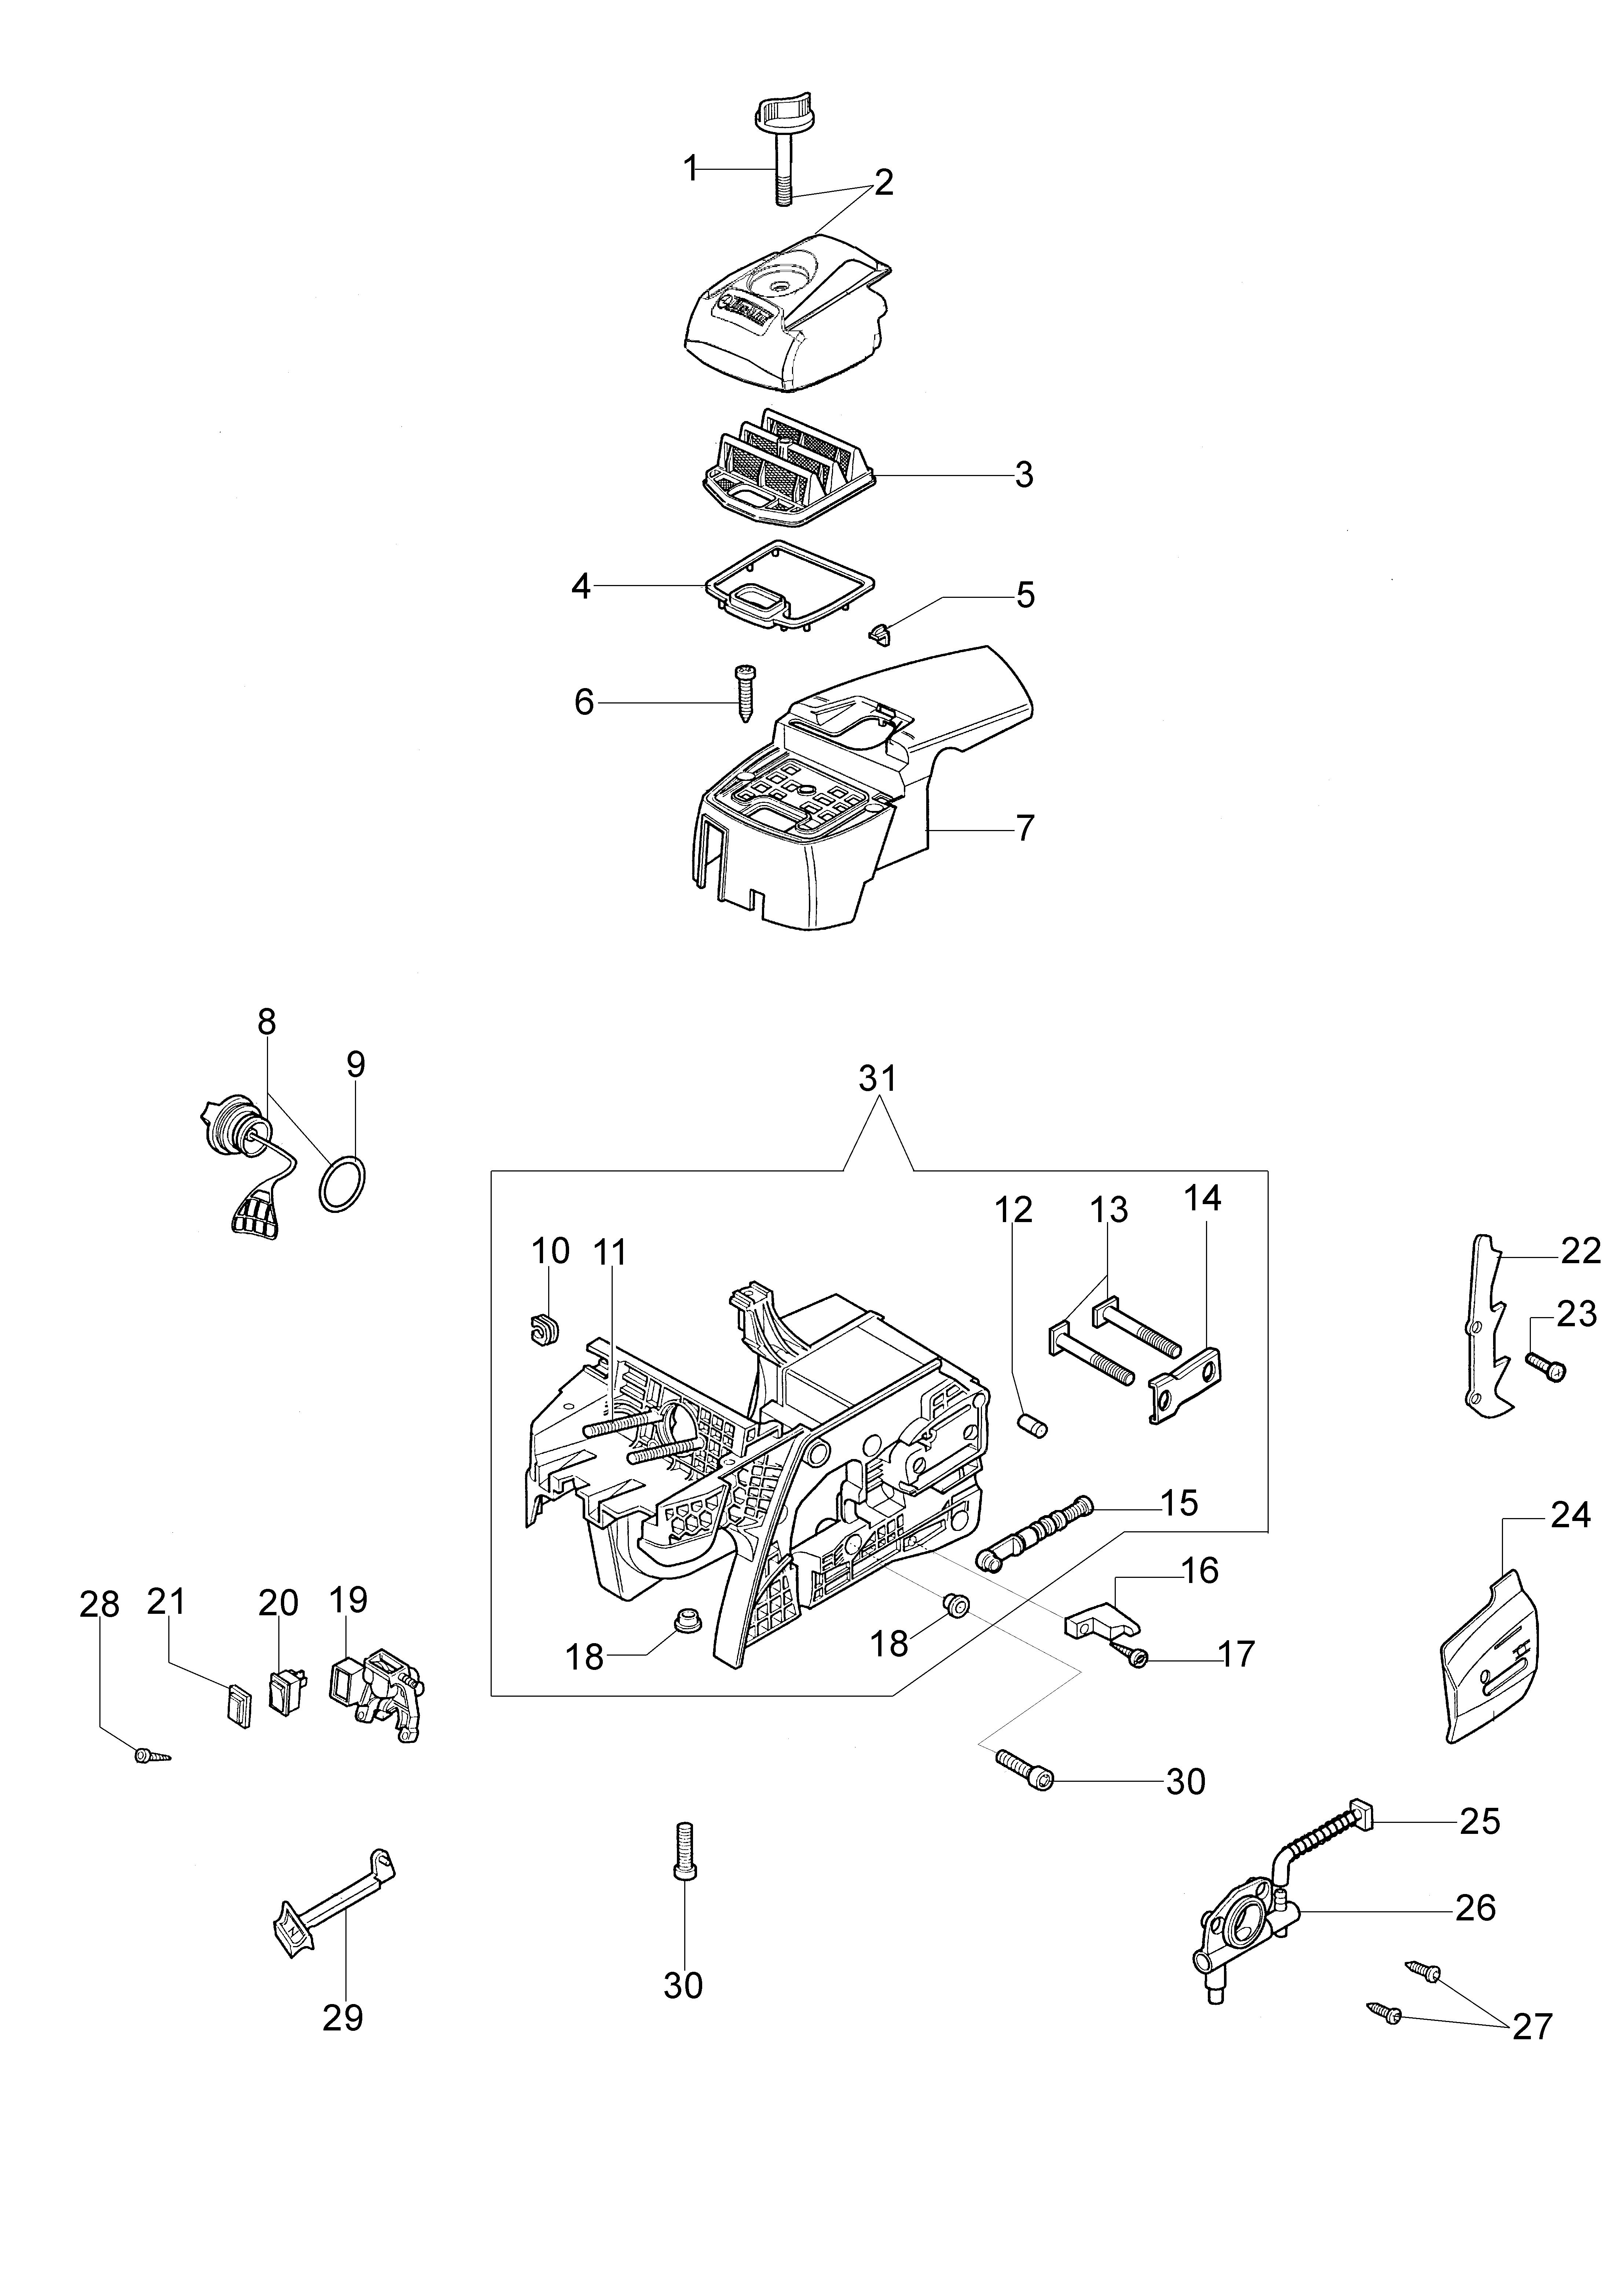 952 Tronçonneuse oleomac Dessins pièces vue éclatée Réservoir et filtre air